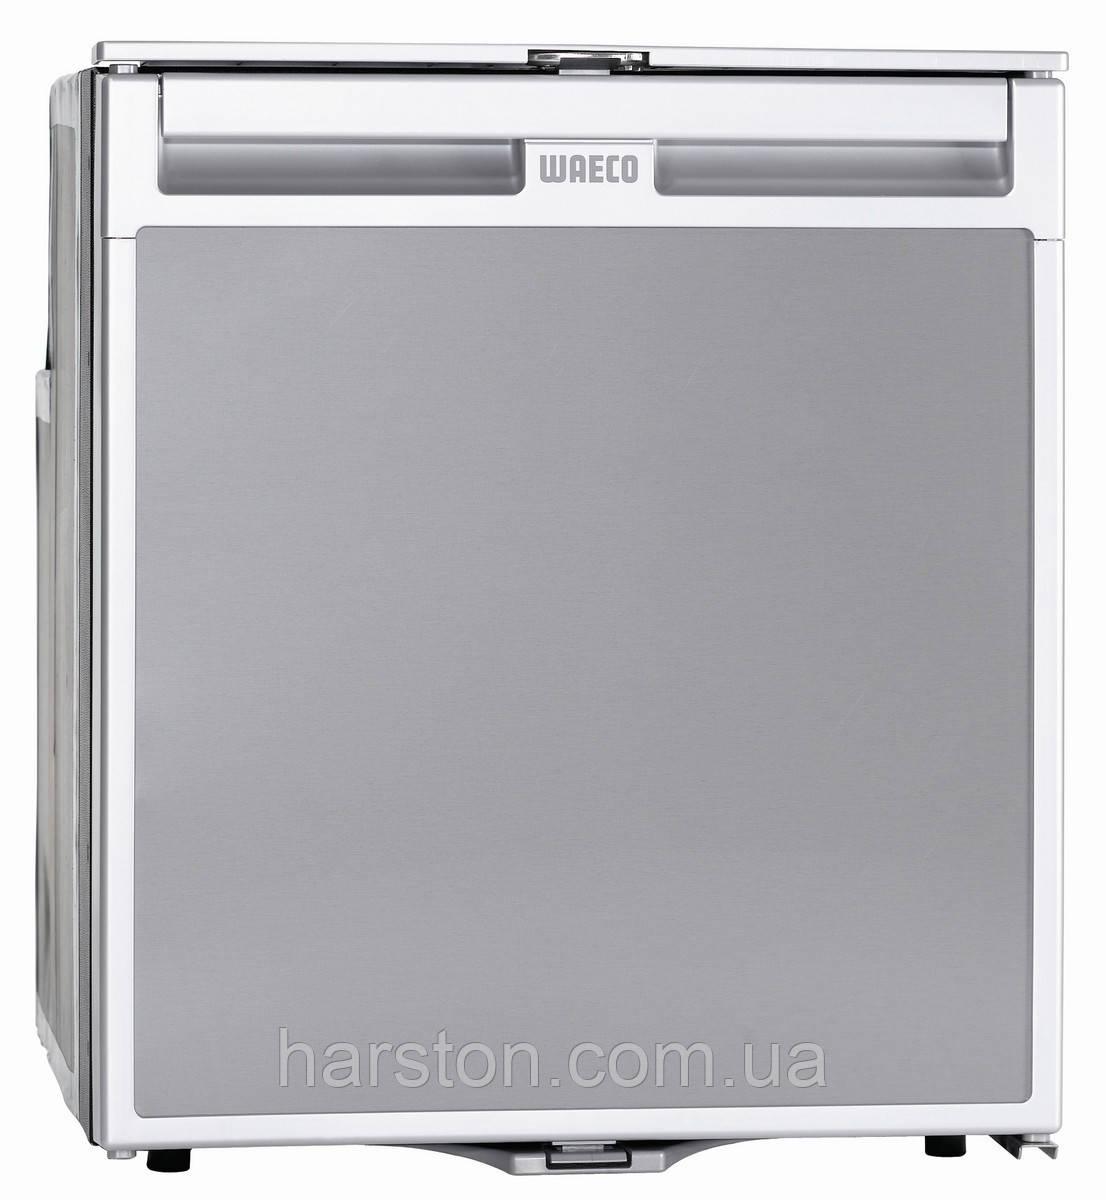 Встраиваемый холодильник WAECO CoolMatic CR-65